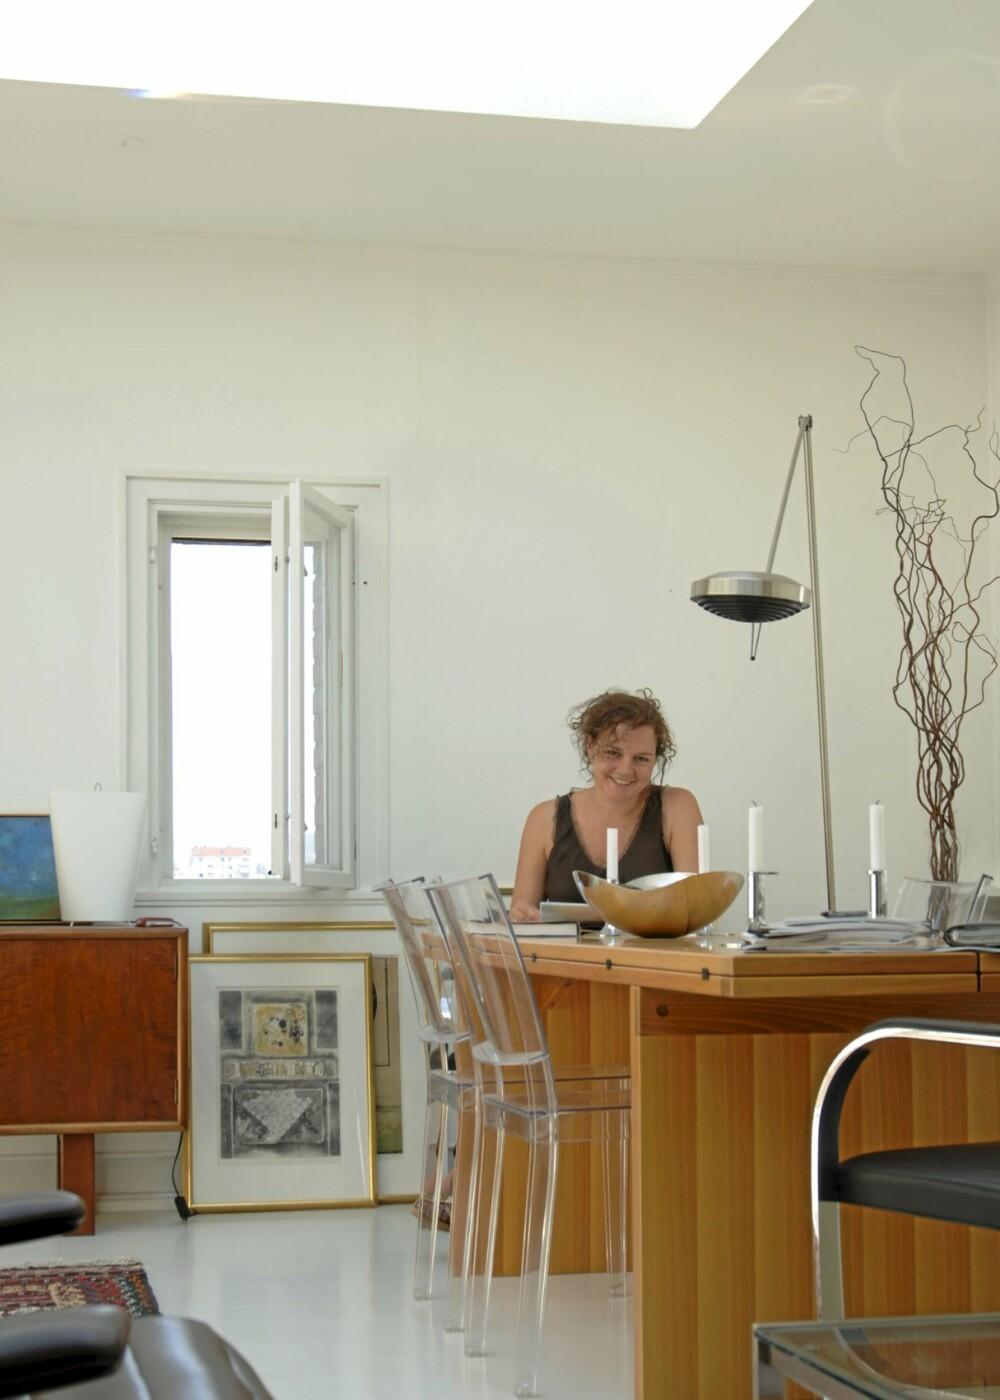 - Flommen av dagslys inn i det gamle atelieret gjorde det til et utmerket sted til både å oppholde seg og arbeide i, sier arkitekt Cecilie Wille. Transparente Kartell La Marie plaststoler designet av Philippe Starck.